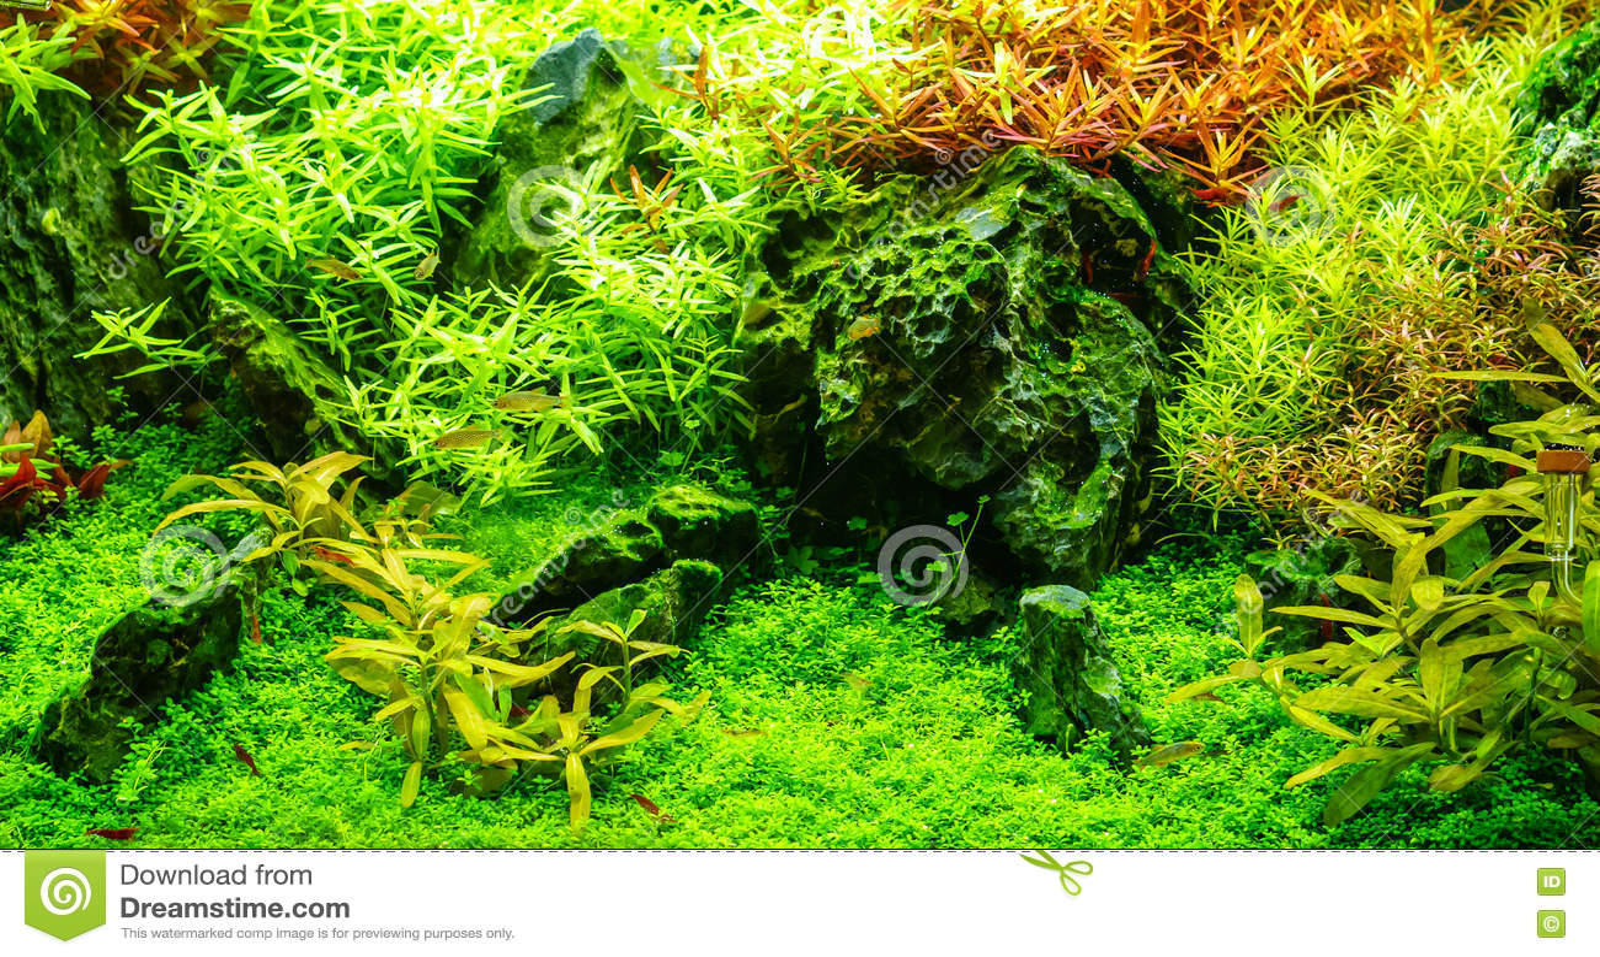 Piante Per Acquario Tropicale : Piante per acquario tropicale dolce casamia idea di immagine